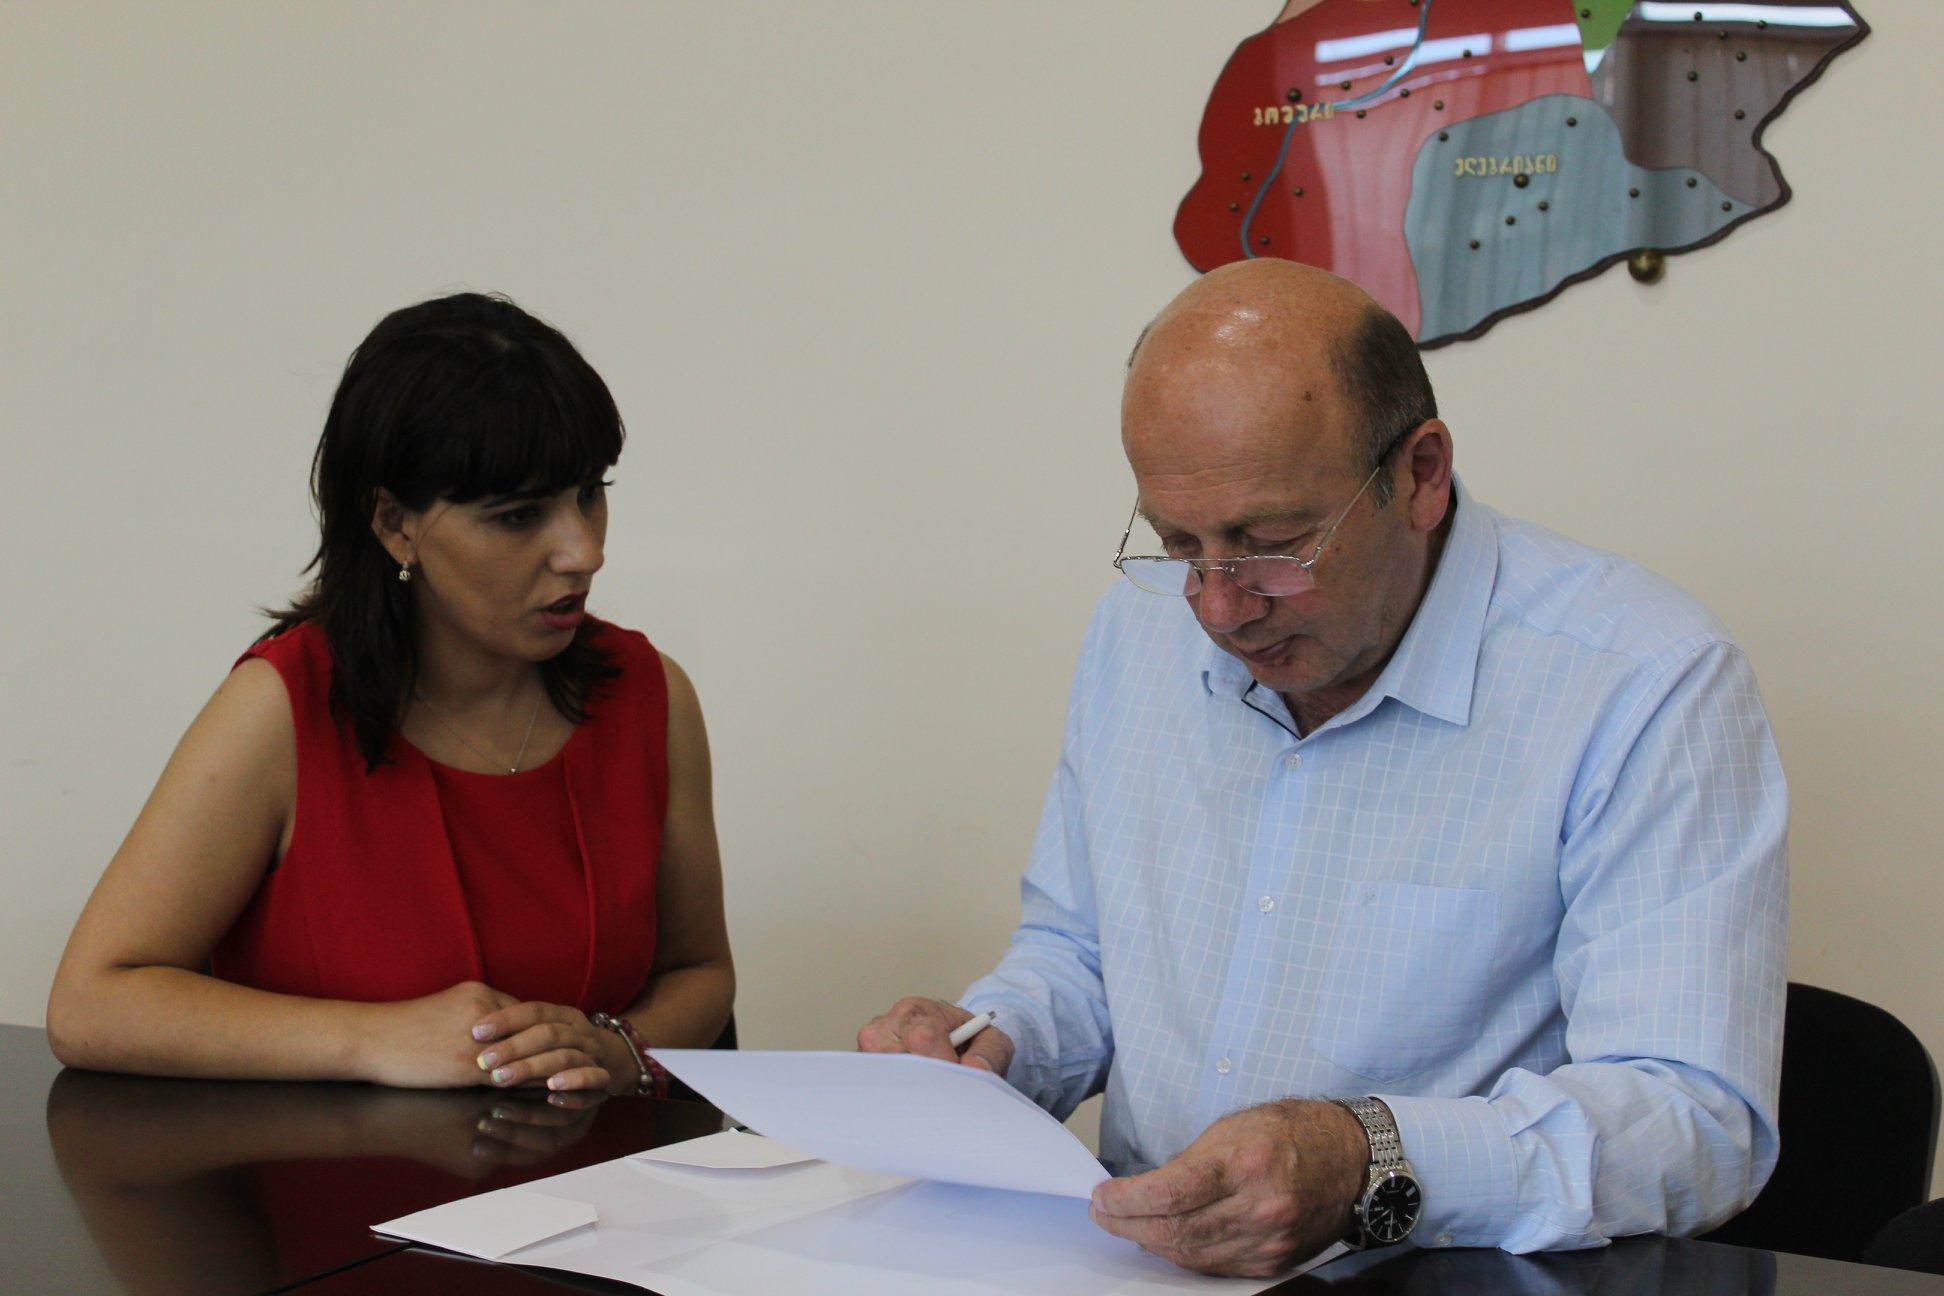 სამოქალაქო საზოგადოების ინსტიტუტი (CSI) და გორის მუნიციპალიტეტის მერია თანამშრომლობას იწყებენ